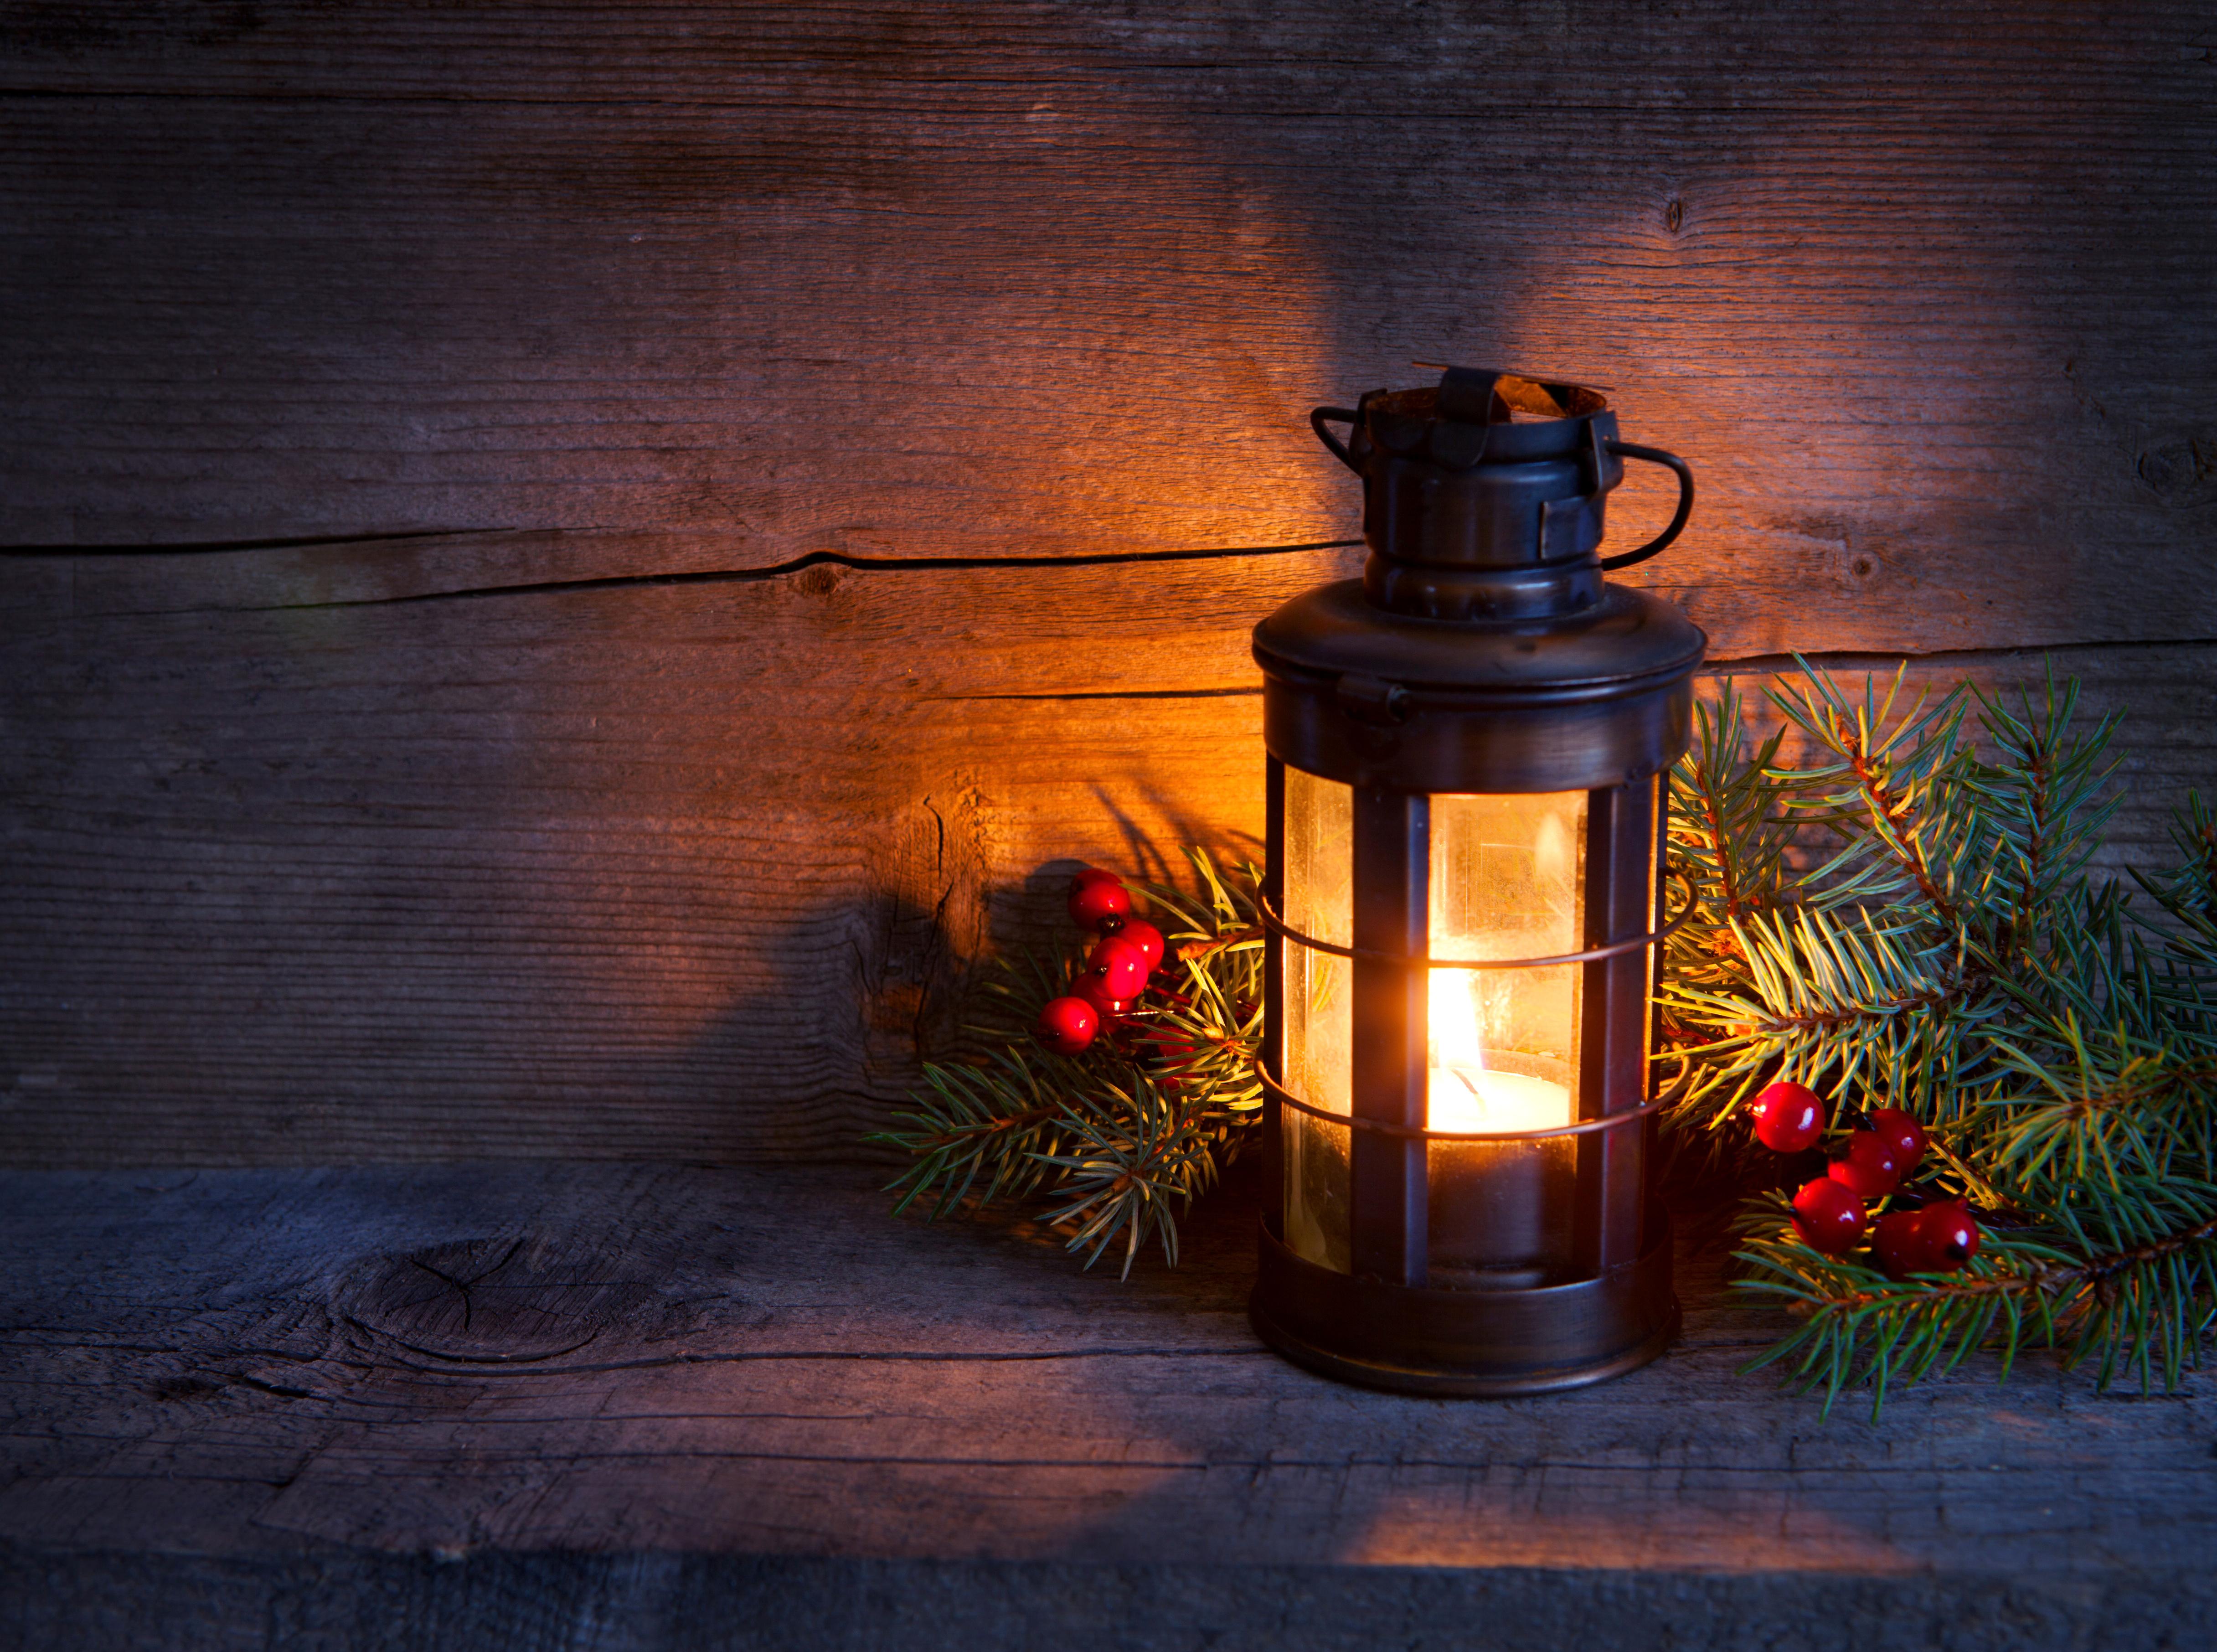 синий фонарь свечка  № 2050260 бесплатно